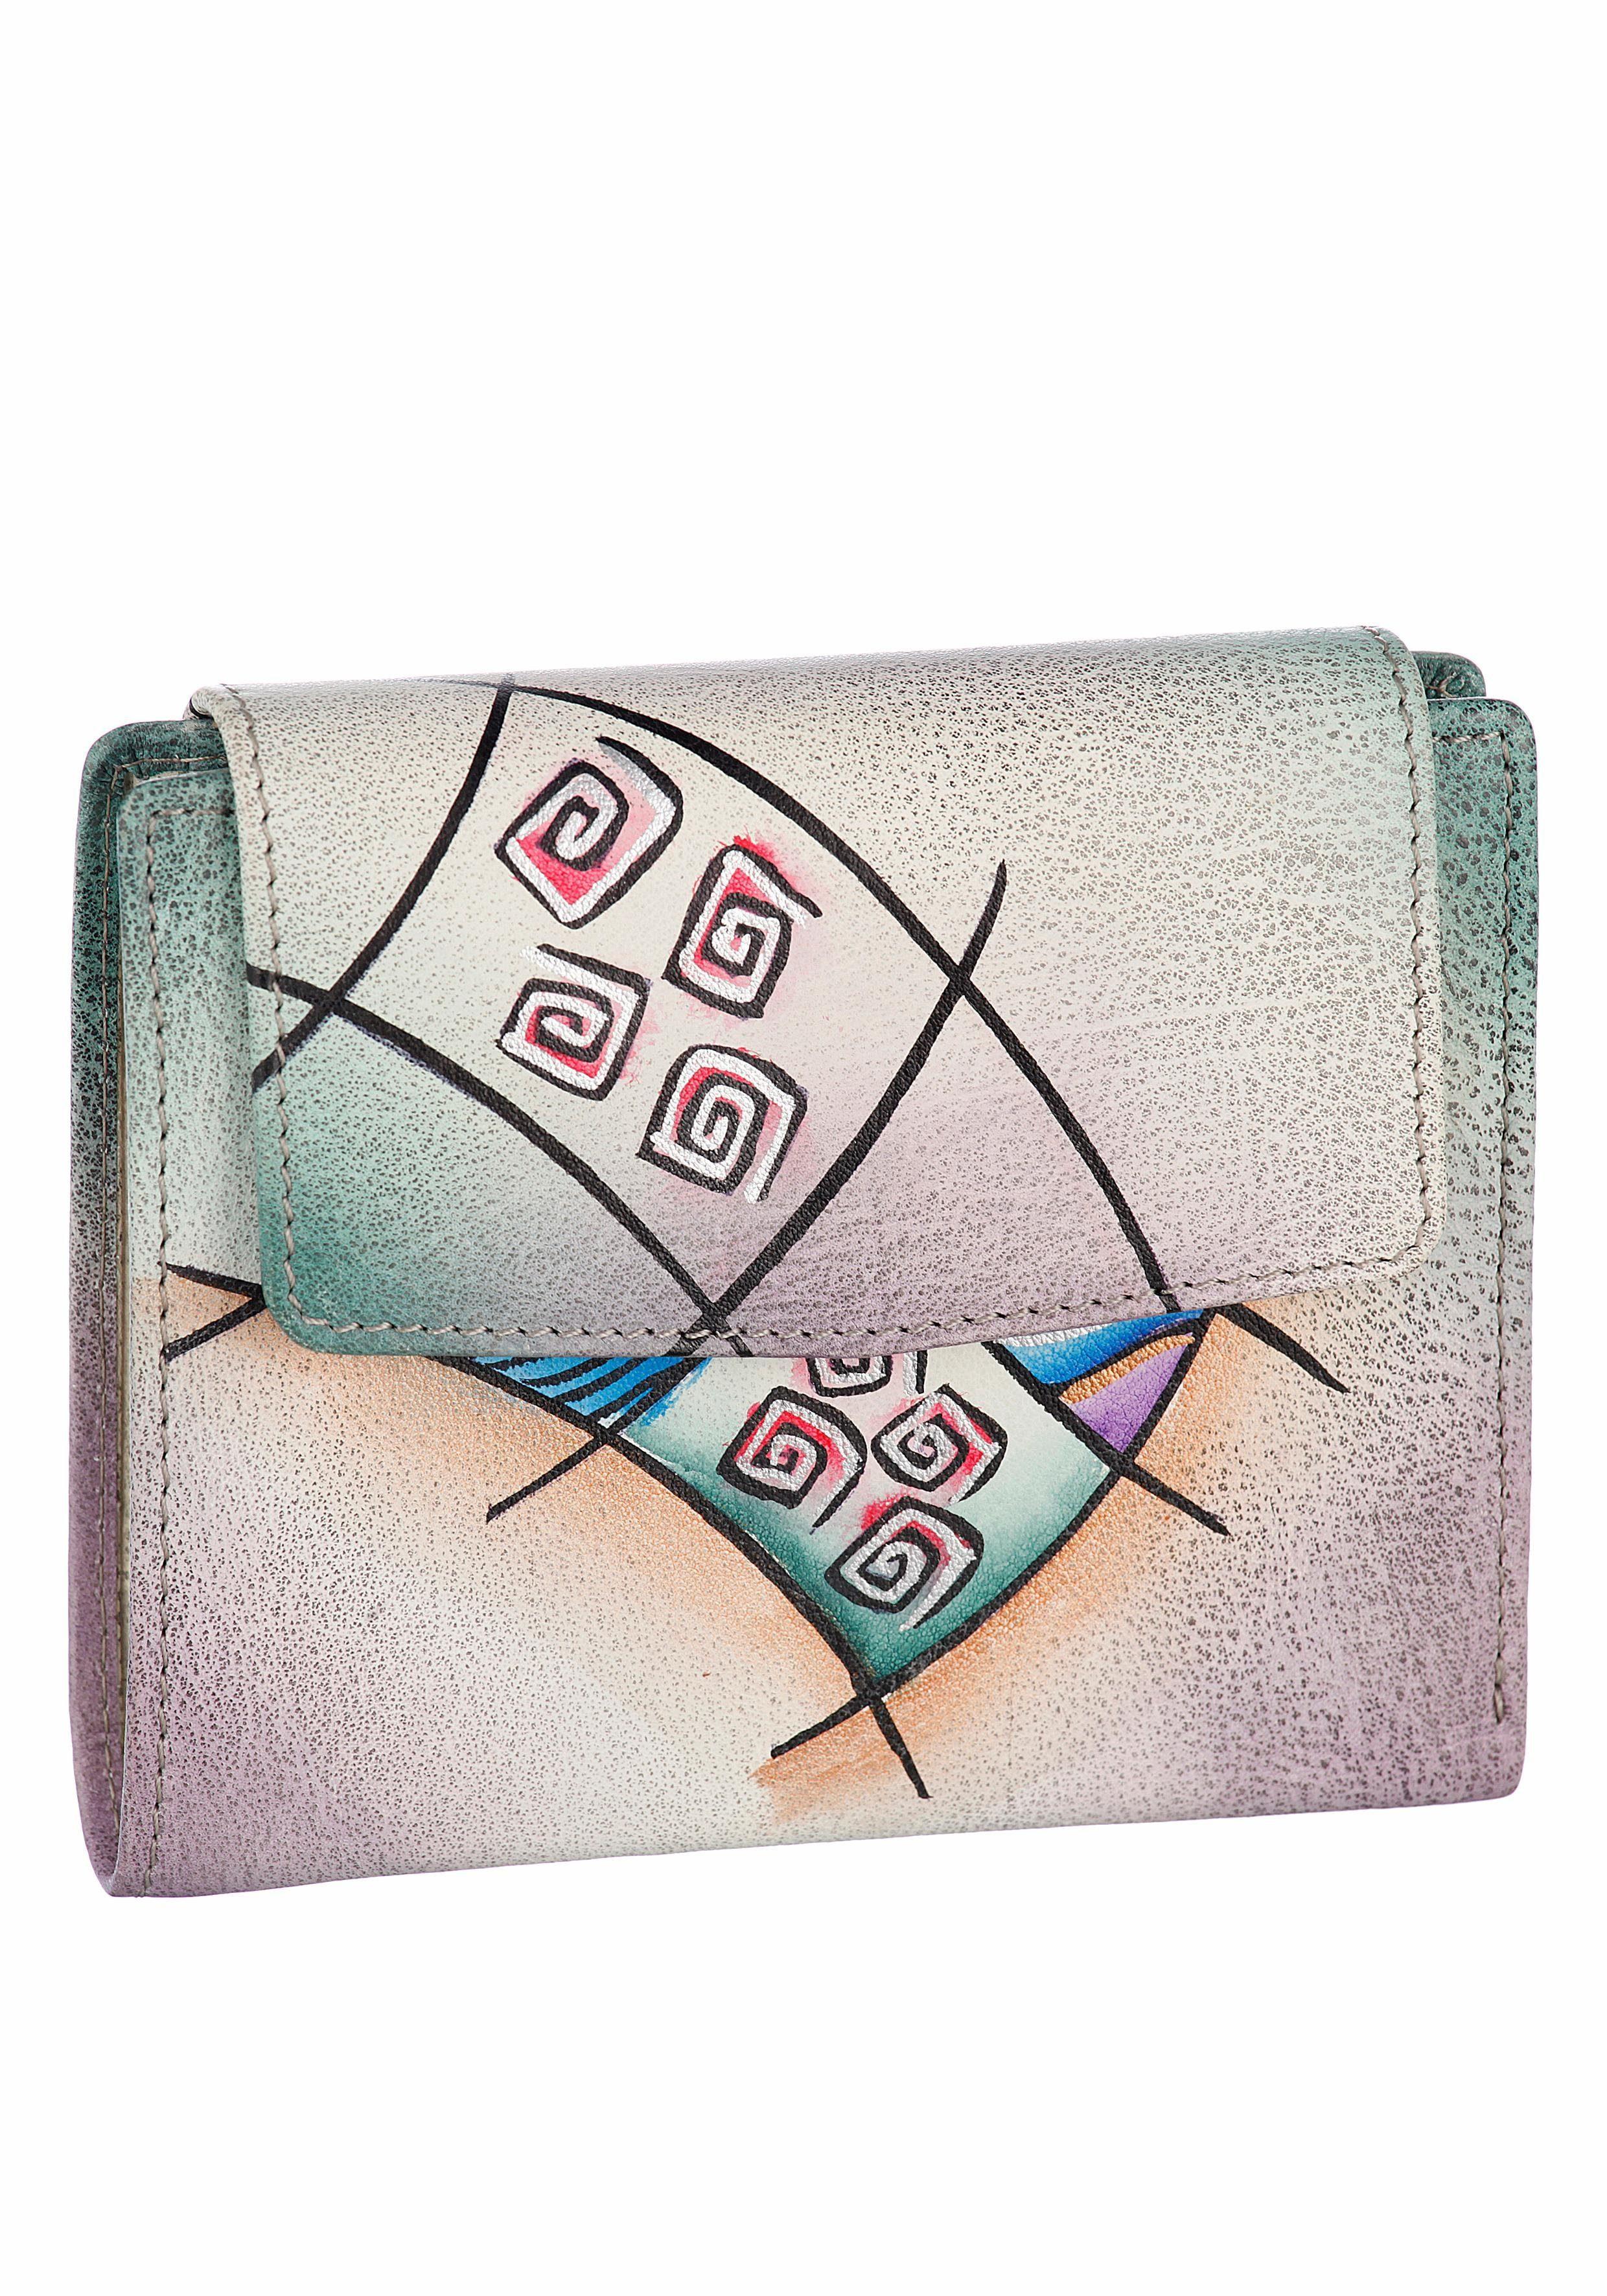 Art & Craft Geldbörse, aus echtem Leder im Querformat